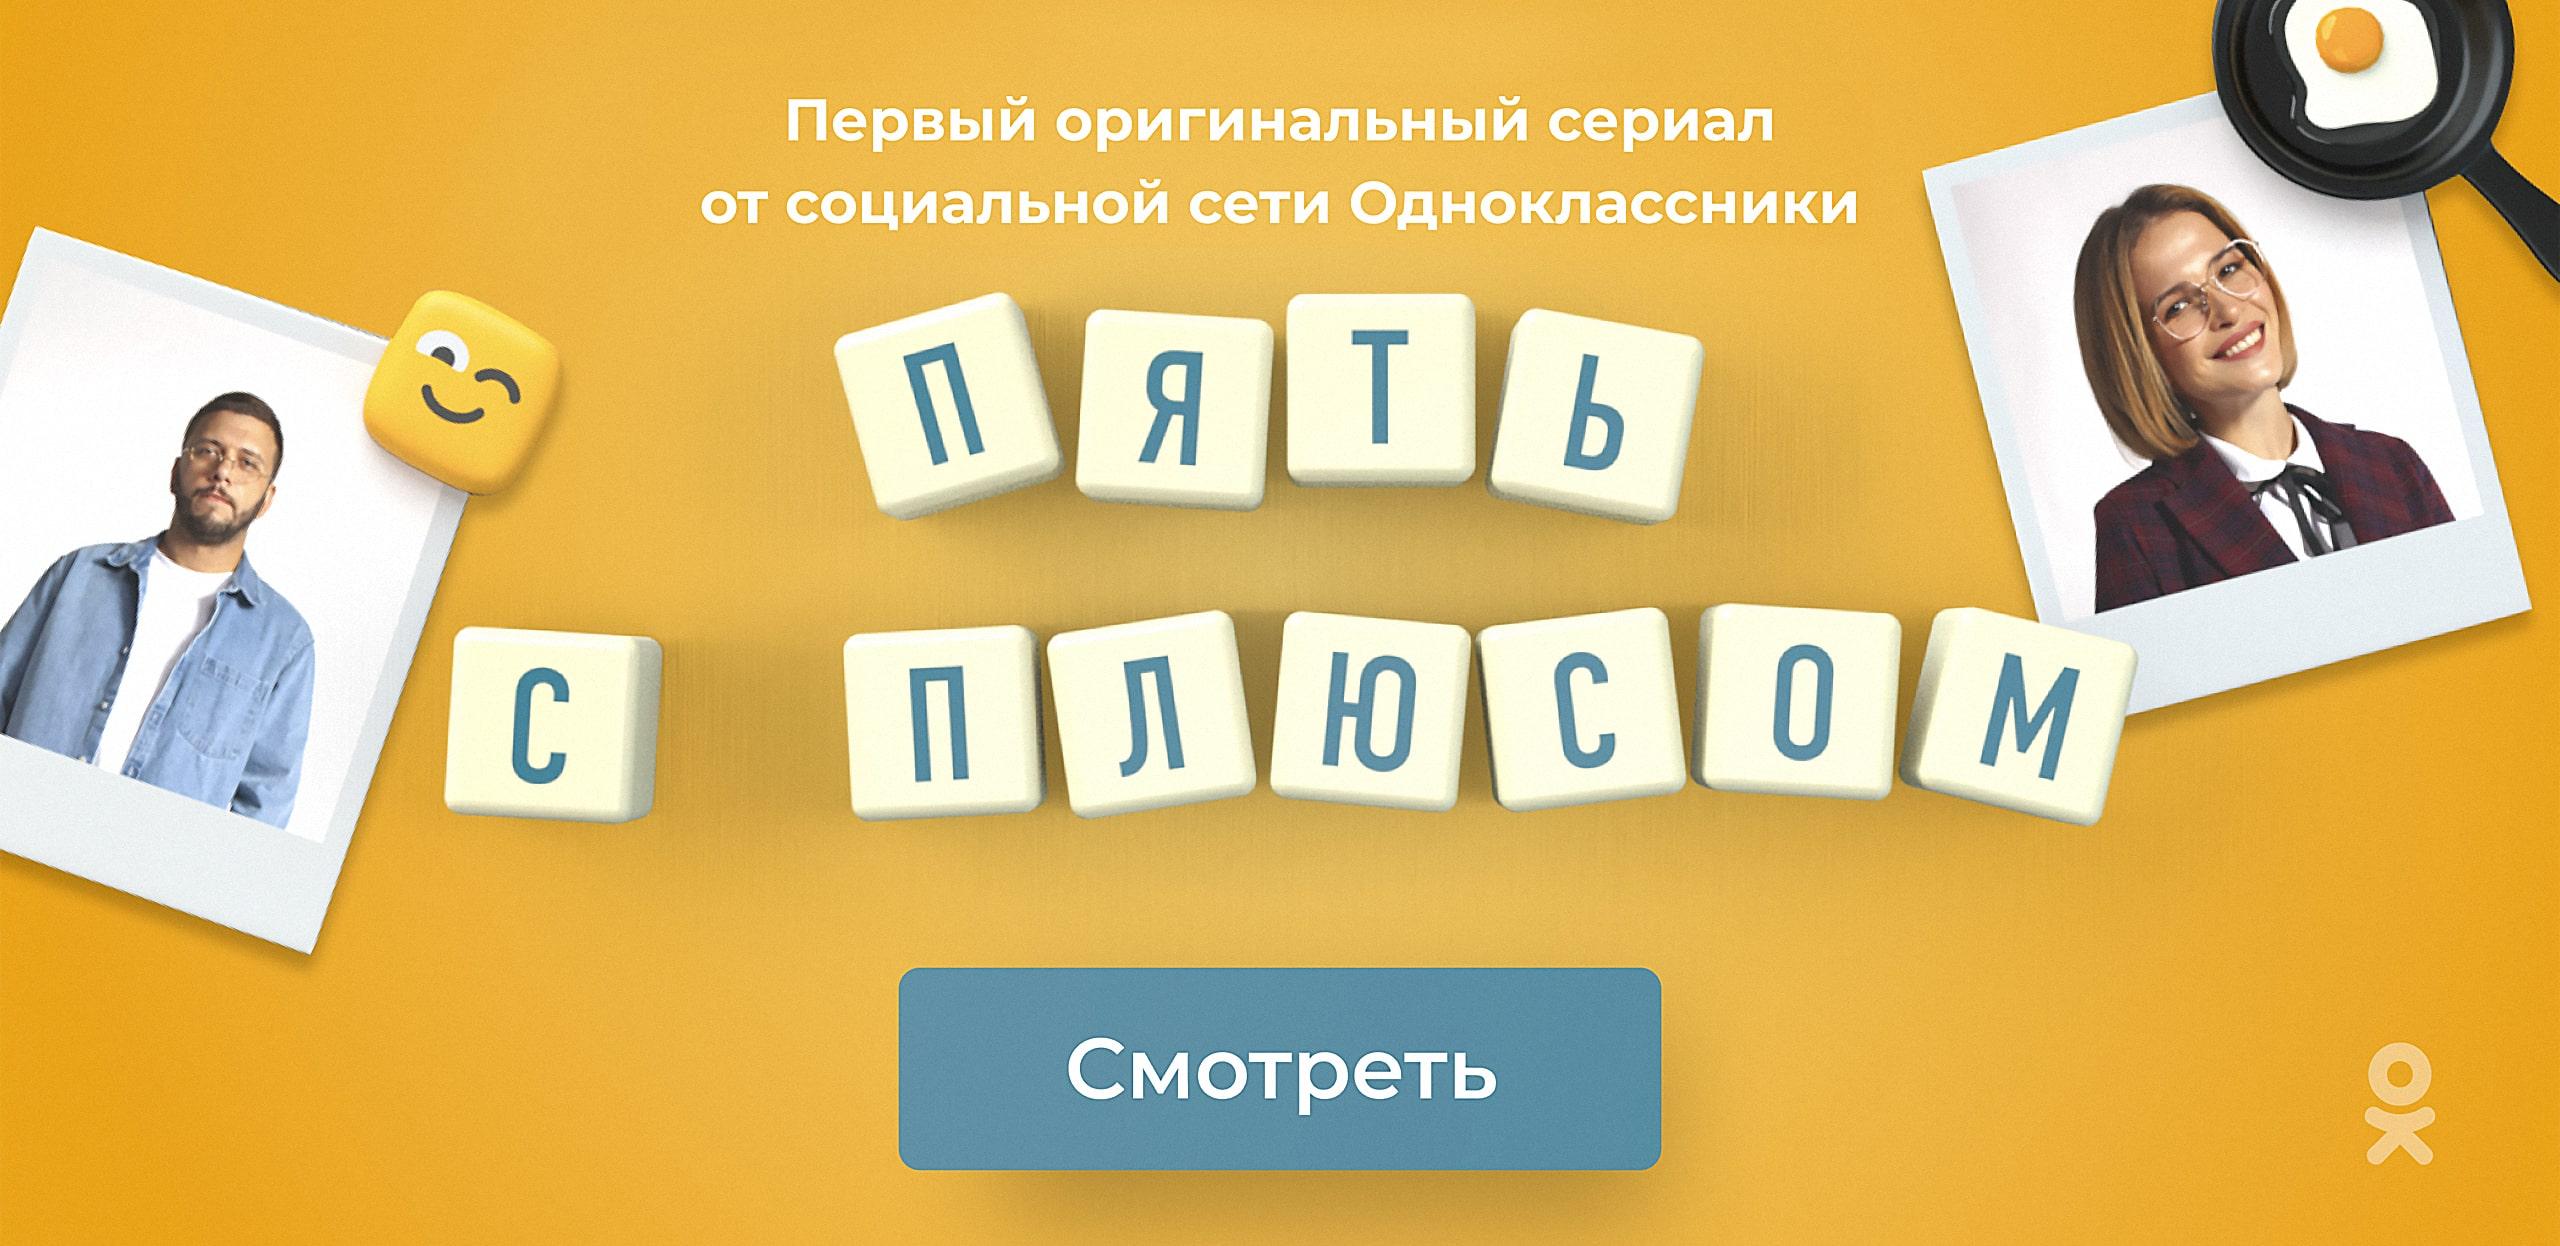 Одноклассники представили премьеру собственного сериала «Пять с плюсом»